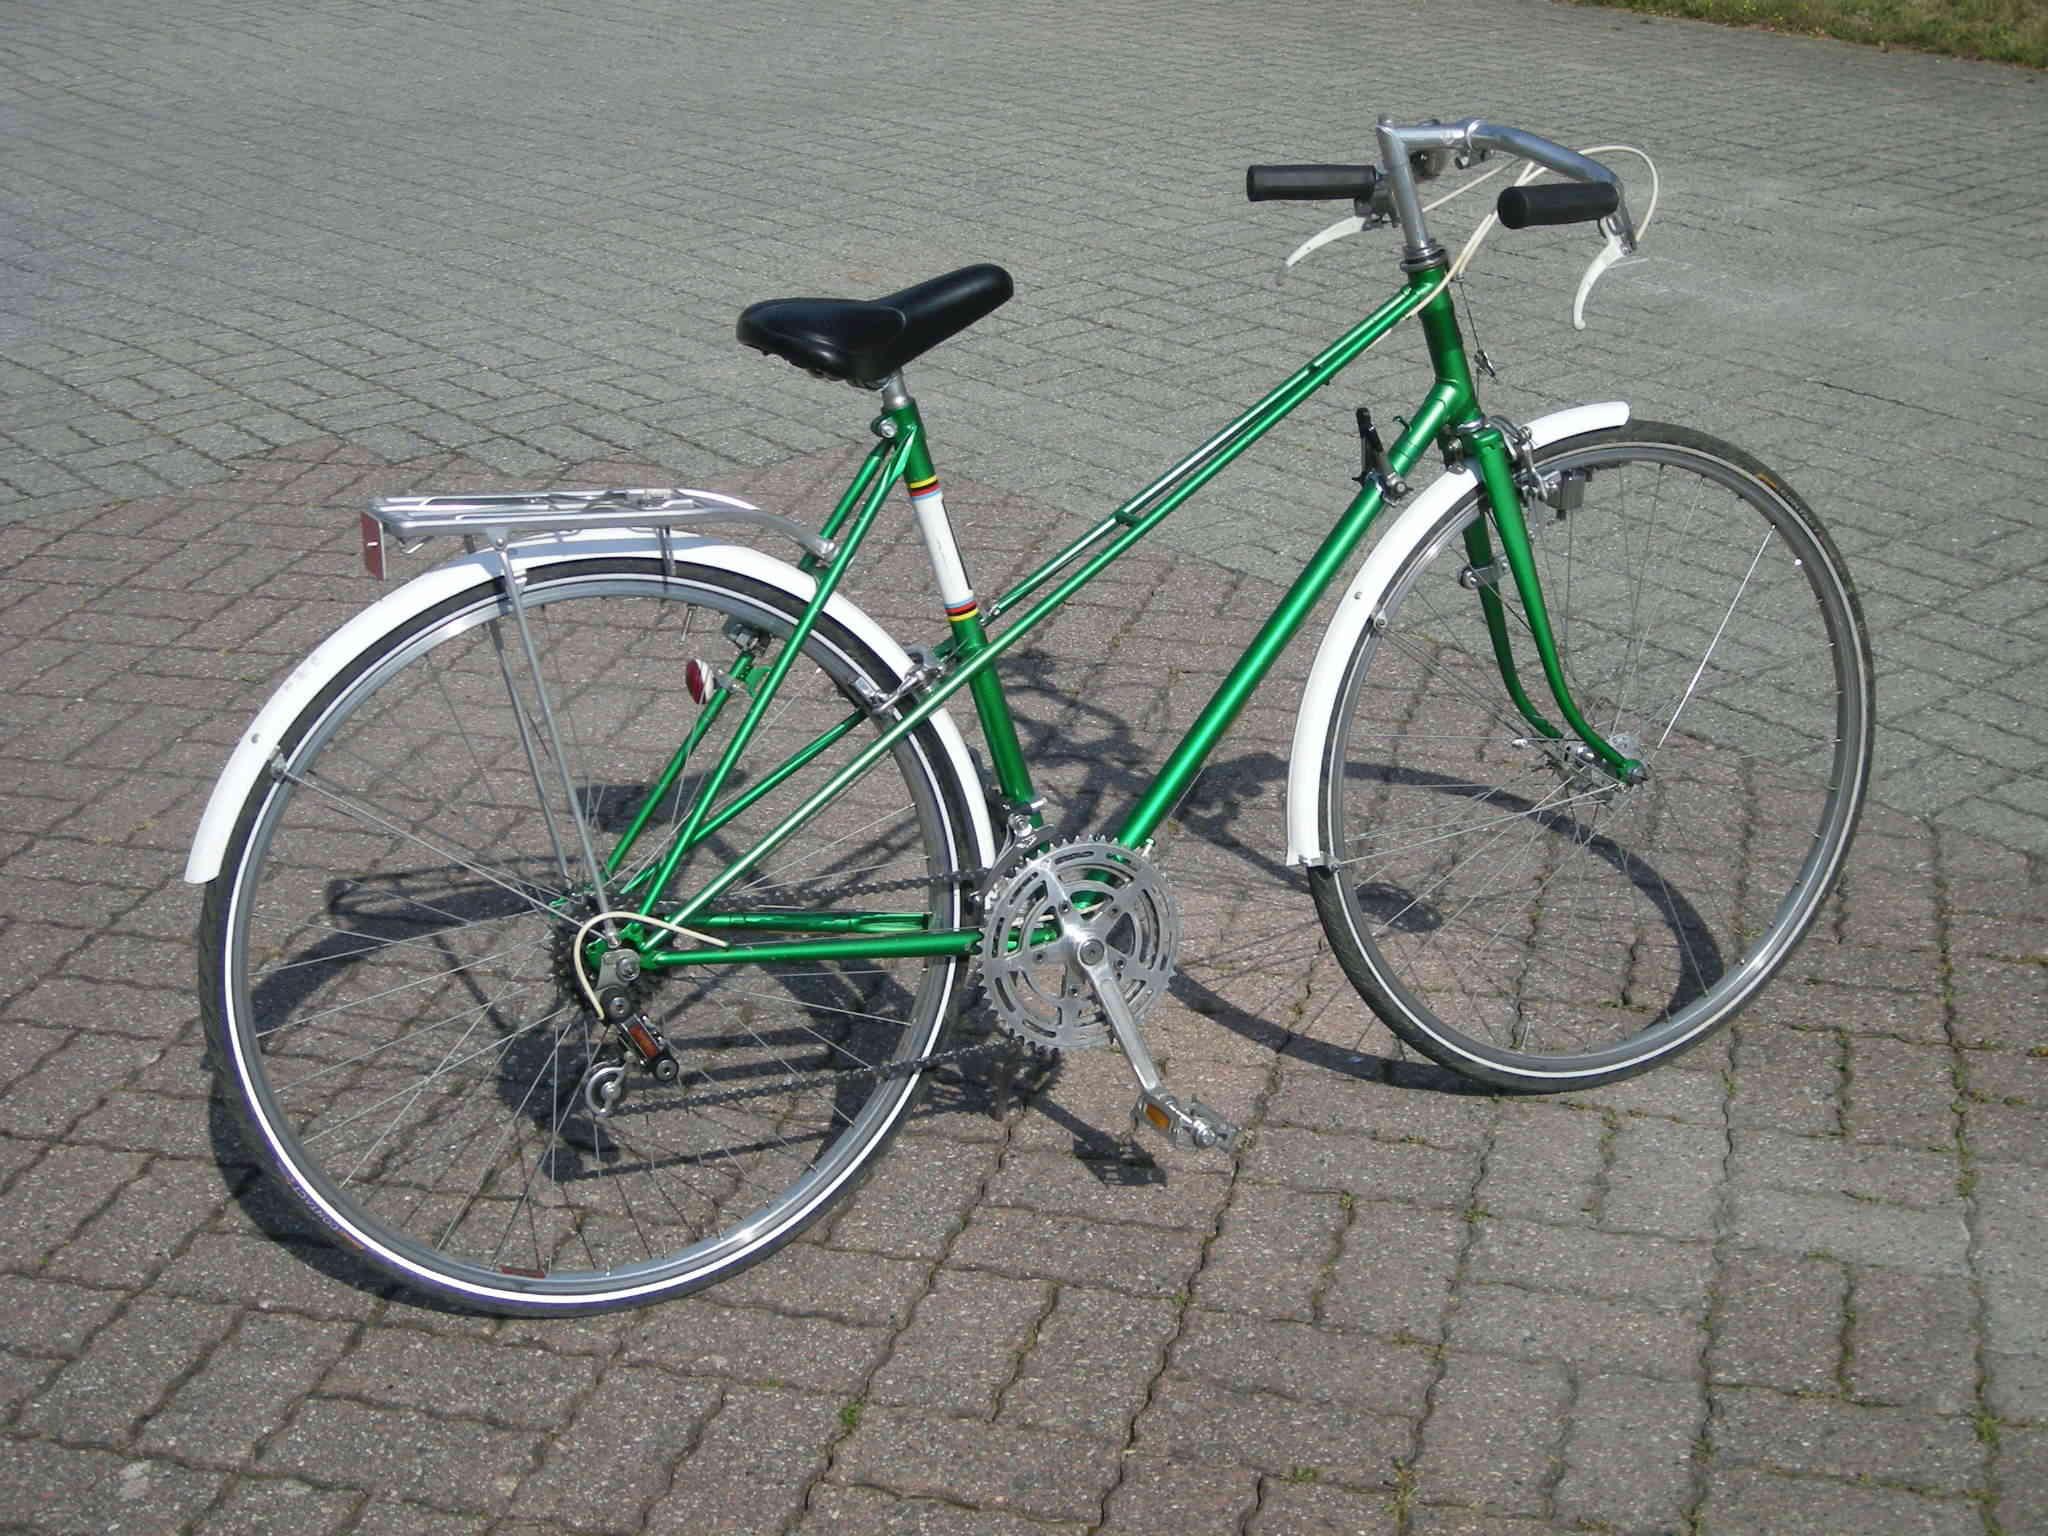 Mixte Cyclo Porrentruy Dscn6226